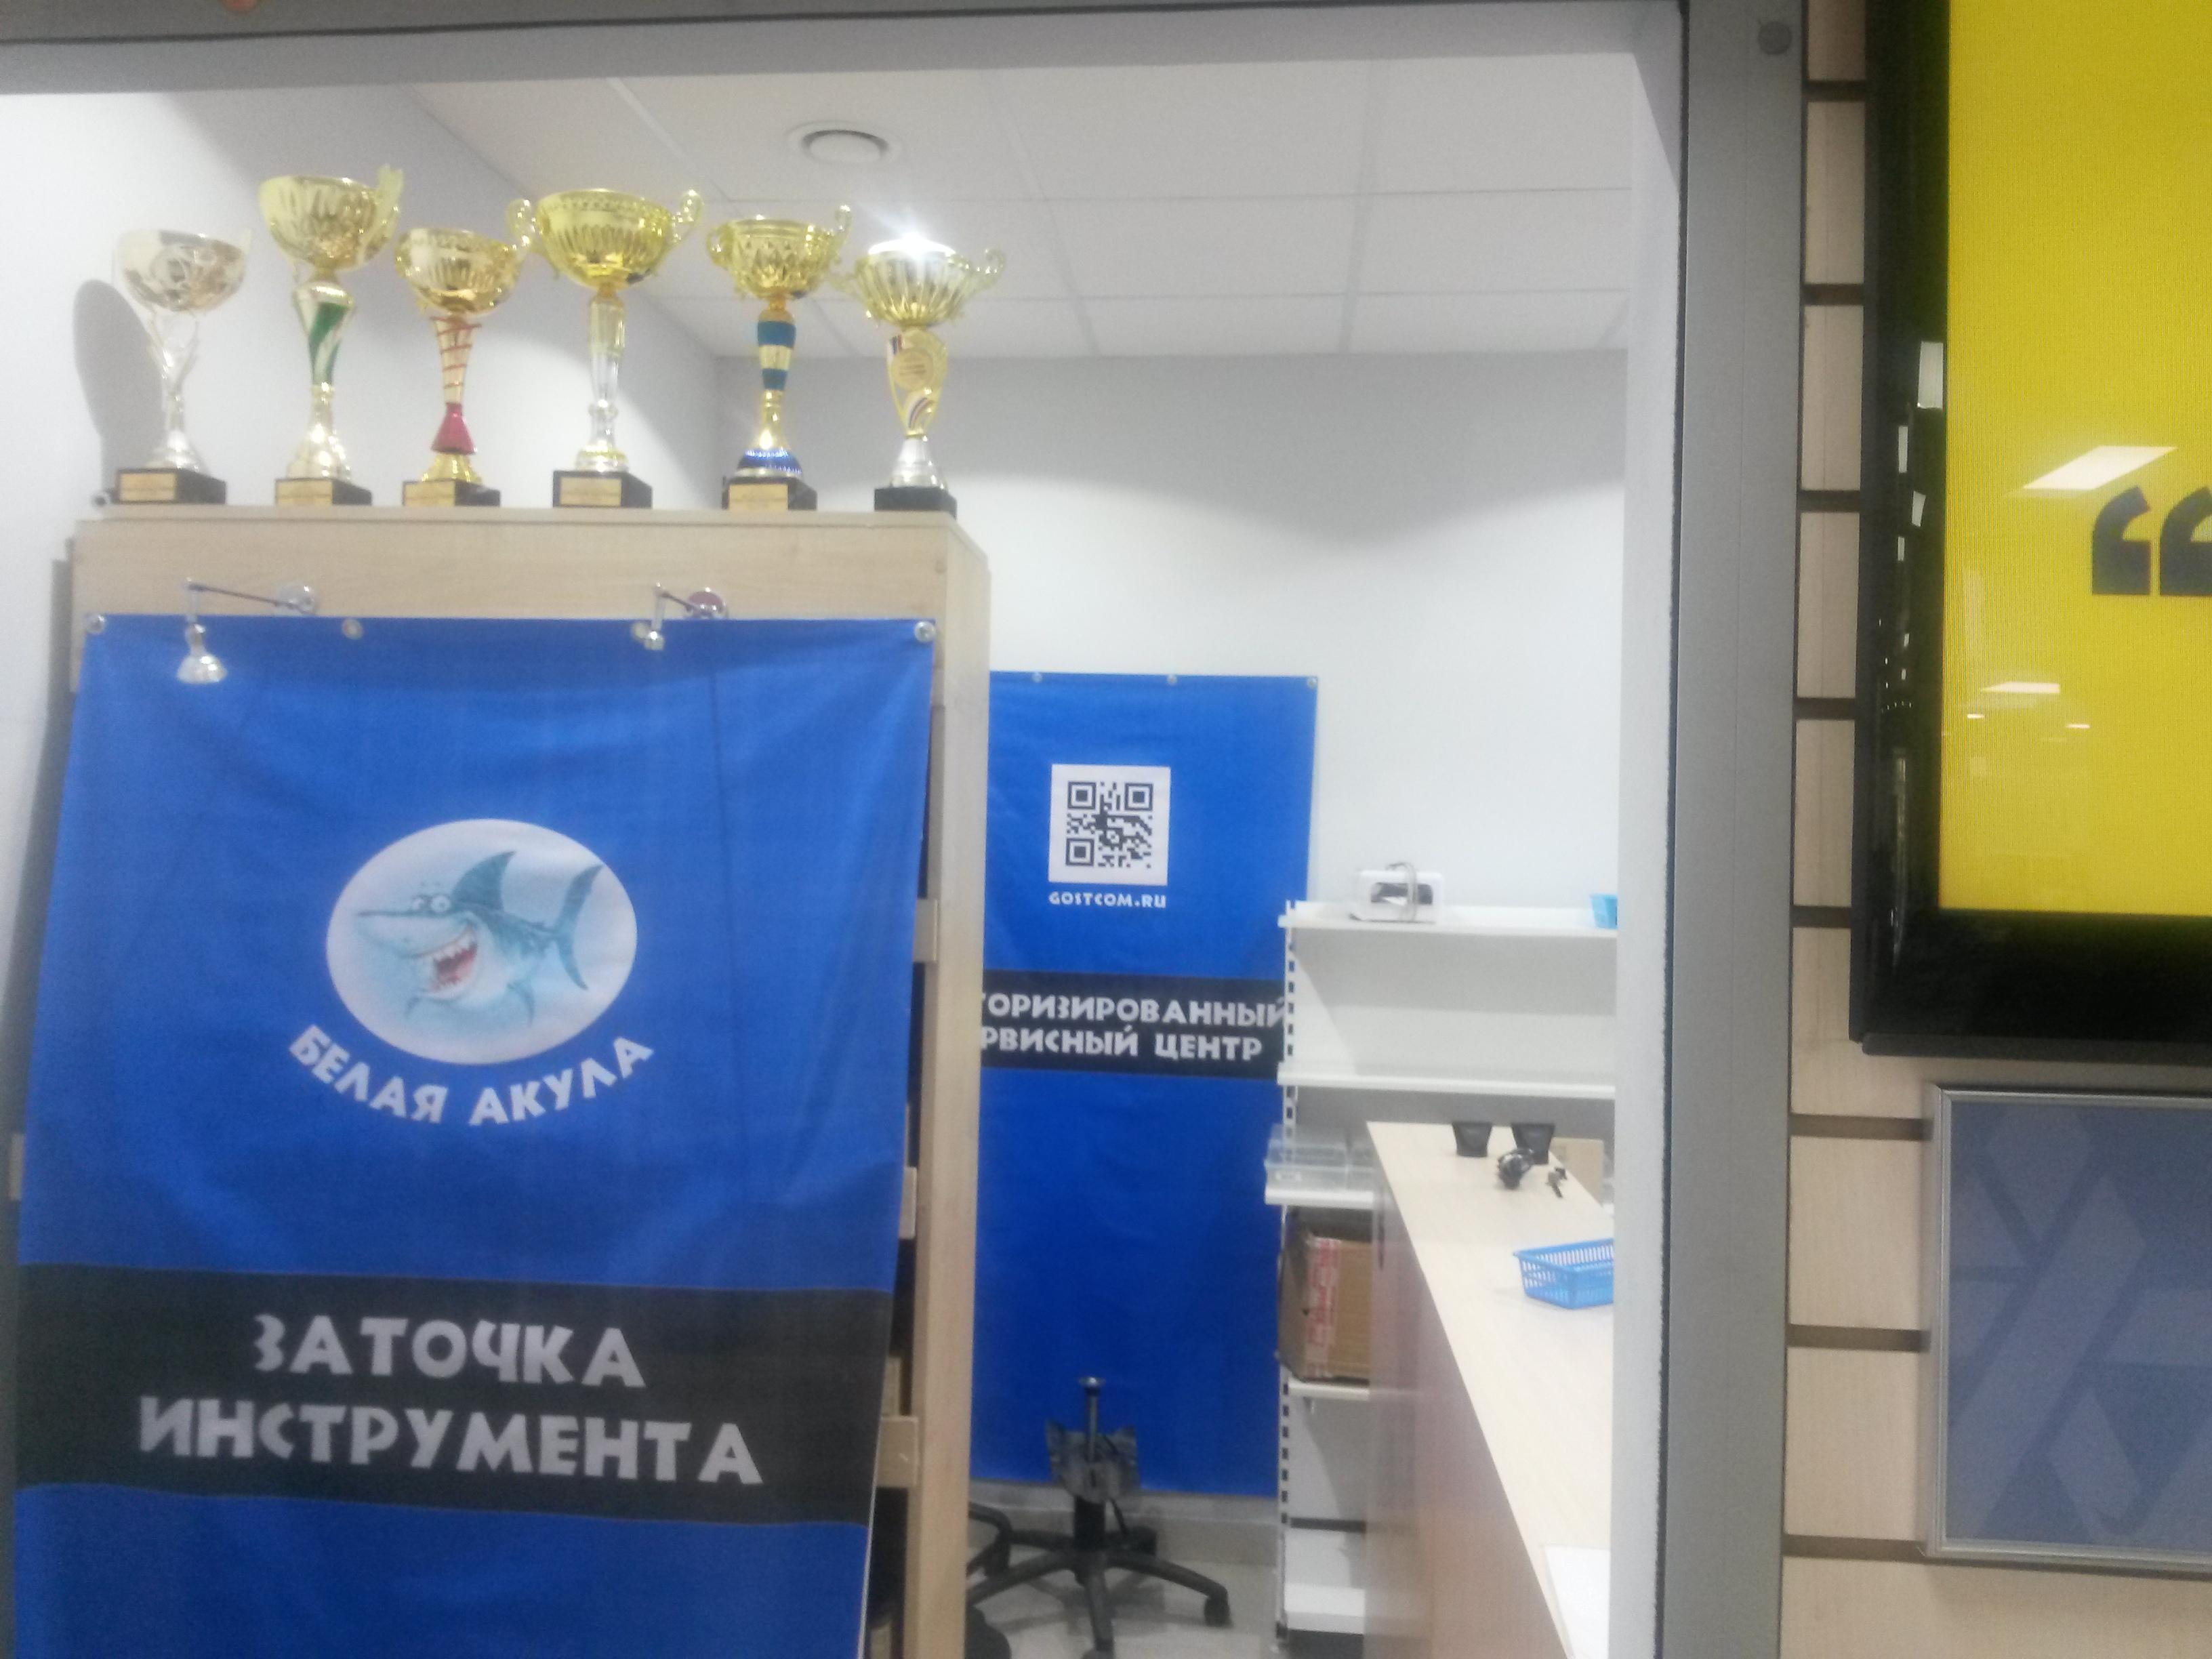 http://sf.uploads.ru/KfIFU.jpg